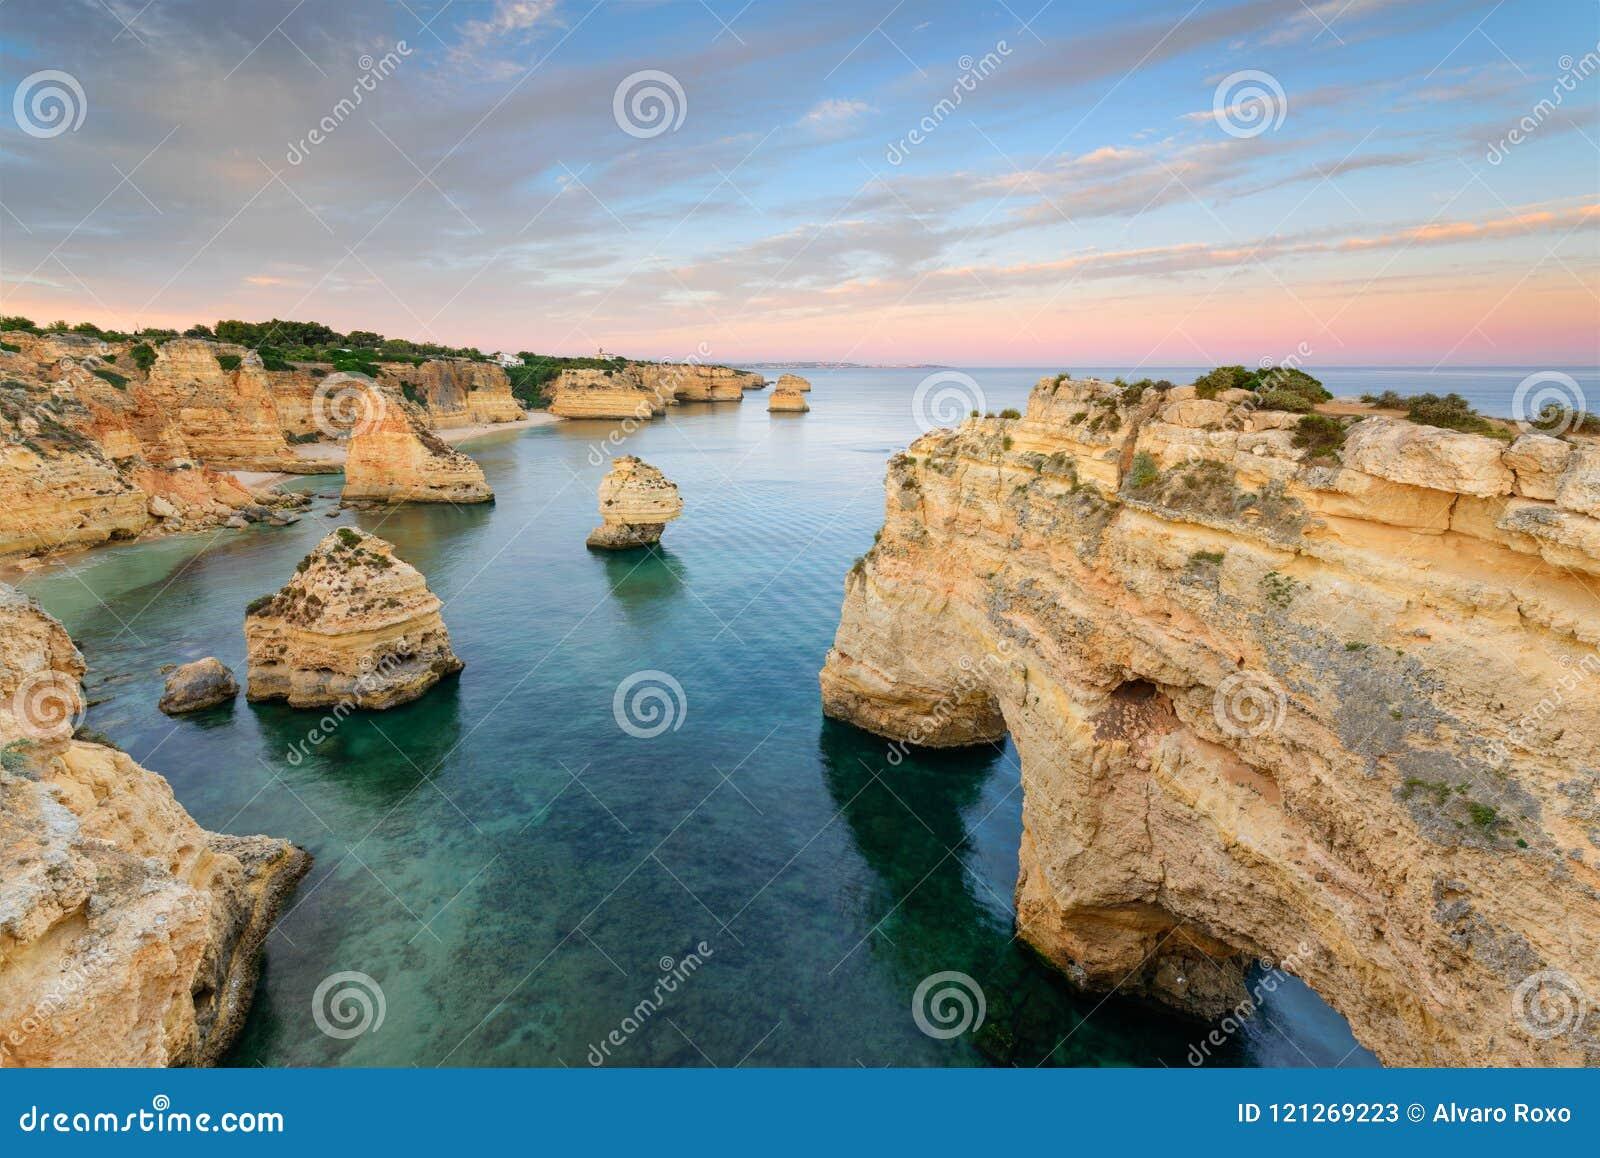 vacances au portugal Coucher du soleil étonnant à la plage de Marinha dans lu0027Algarve, Portugal  Aménagez en parc avec des couleurs fortes du0027une des destinations  principales de ...